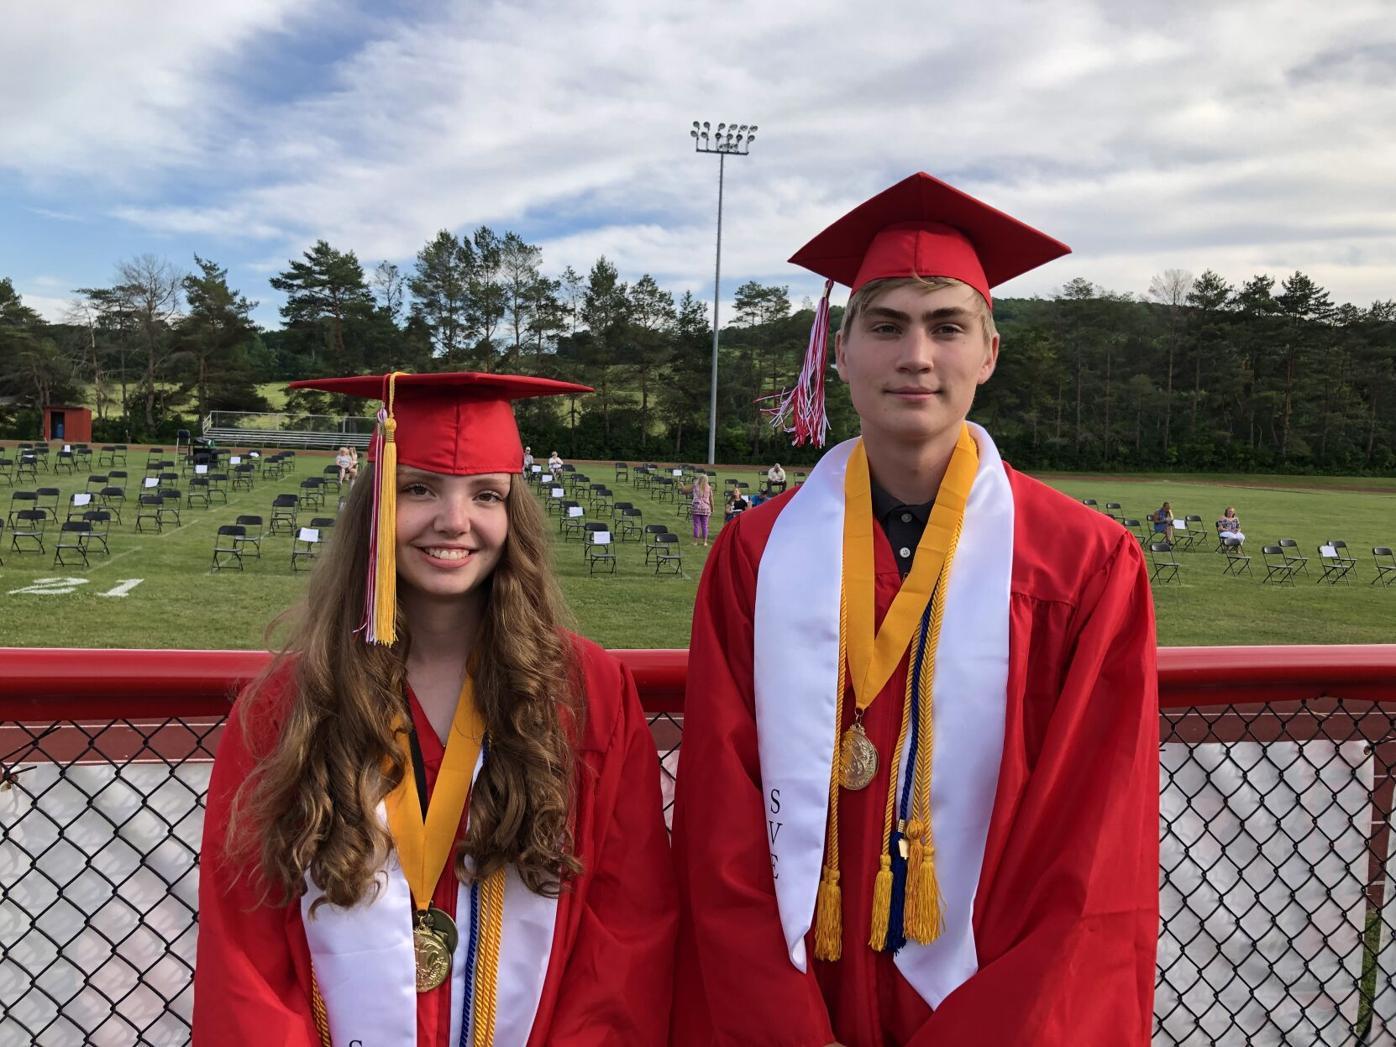 Spencer-Van Etten High School Class of 2021 Valedictorian Cassidy Evans (left) and the class' salutatorian Matthew Byrne (right).